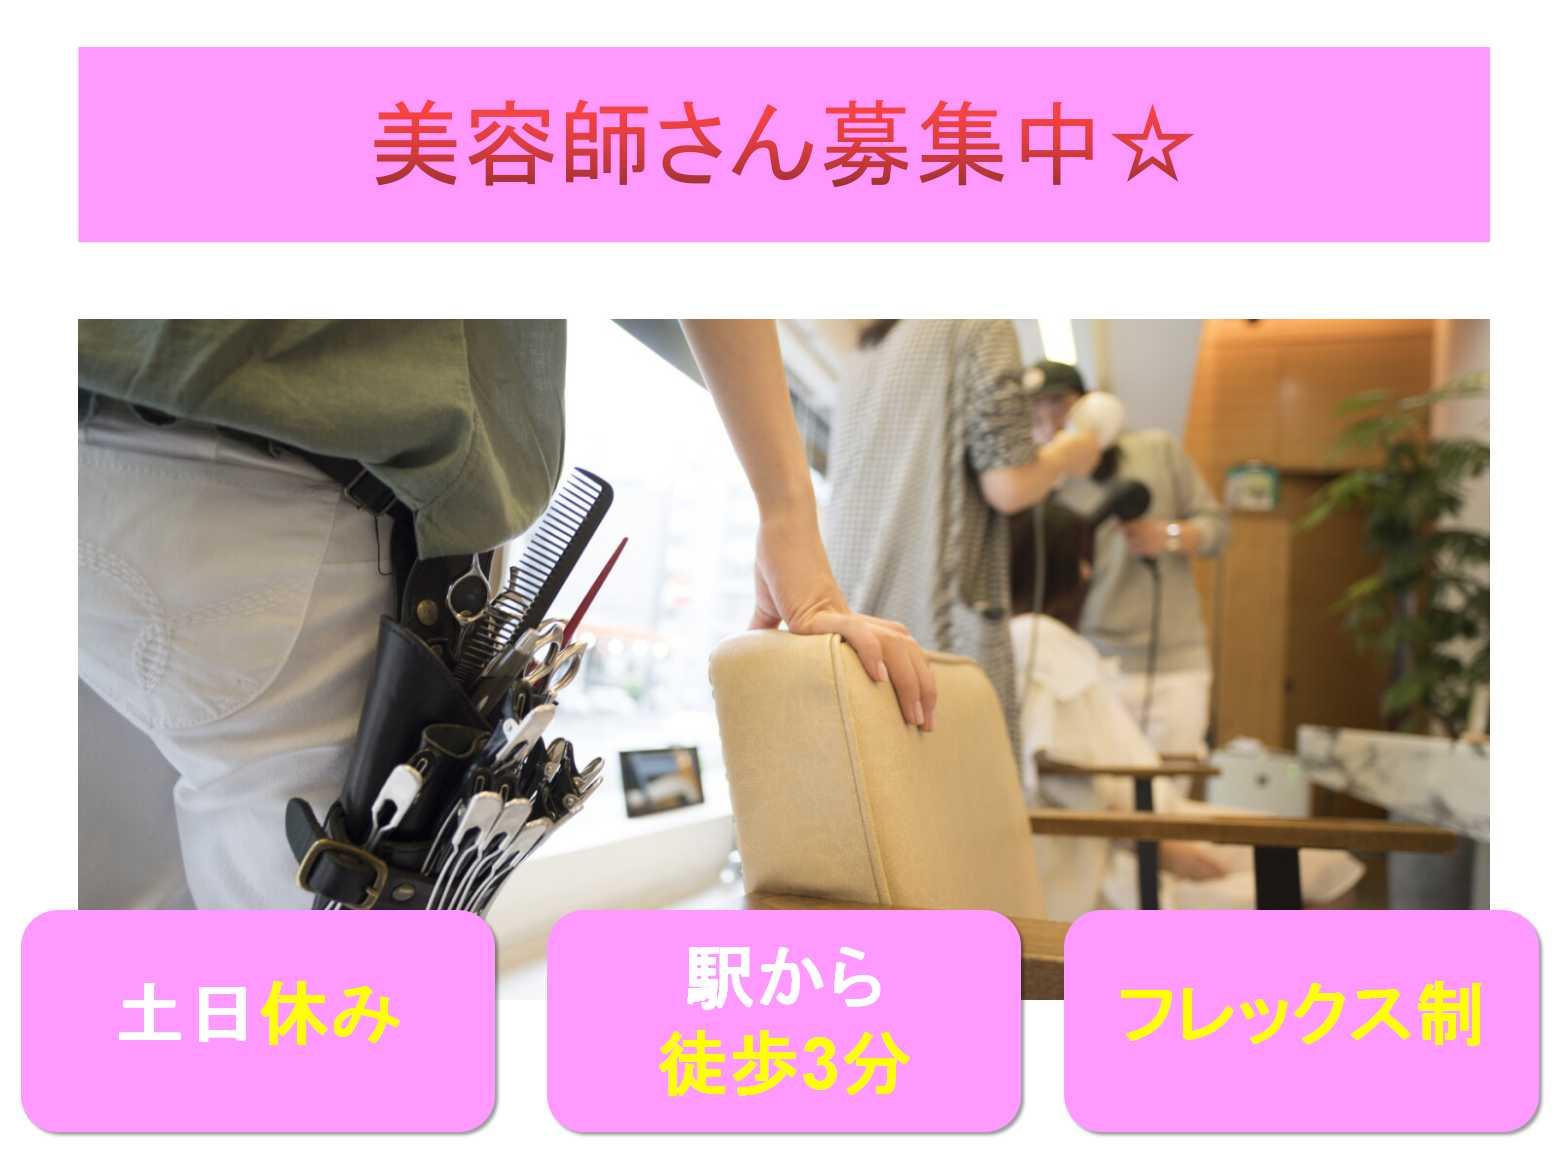 【正社員】土日休み☆プライベート充実☆美容師募集中☆ イメージ